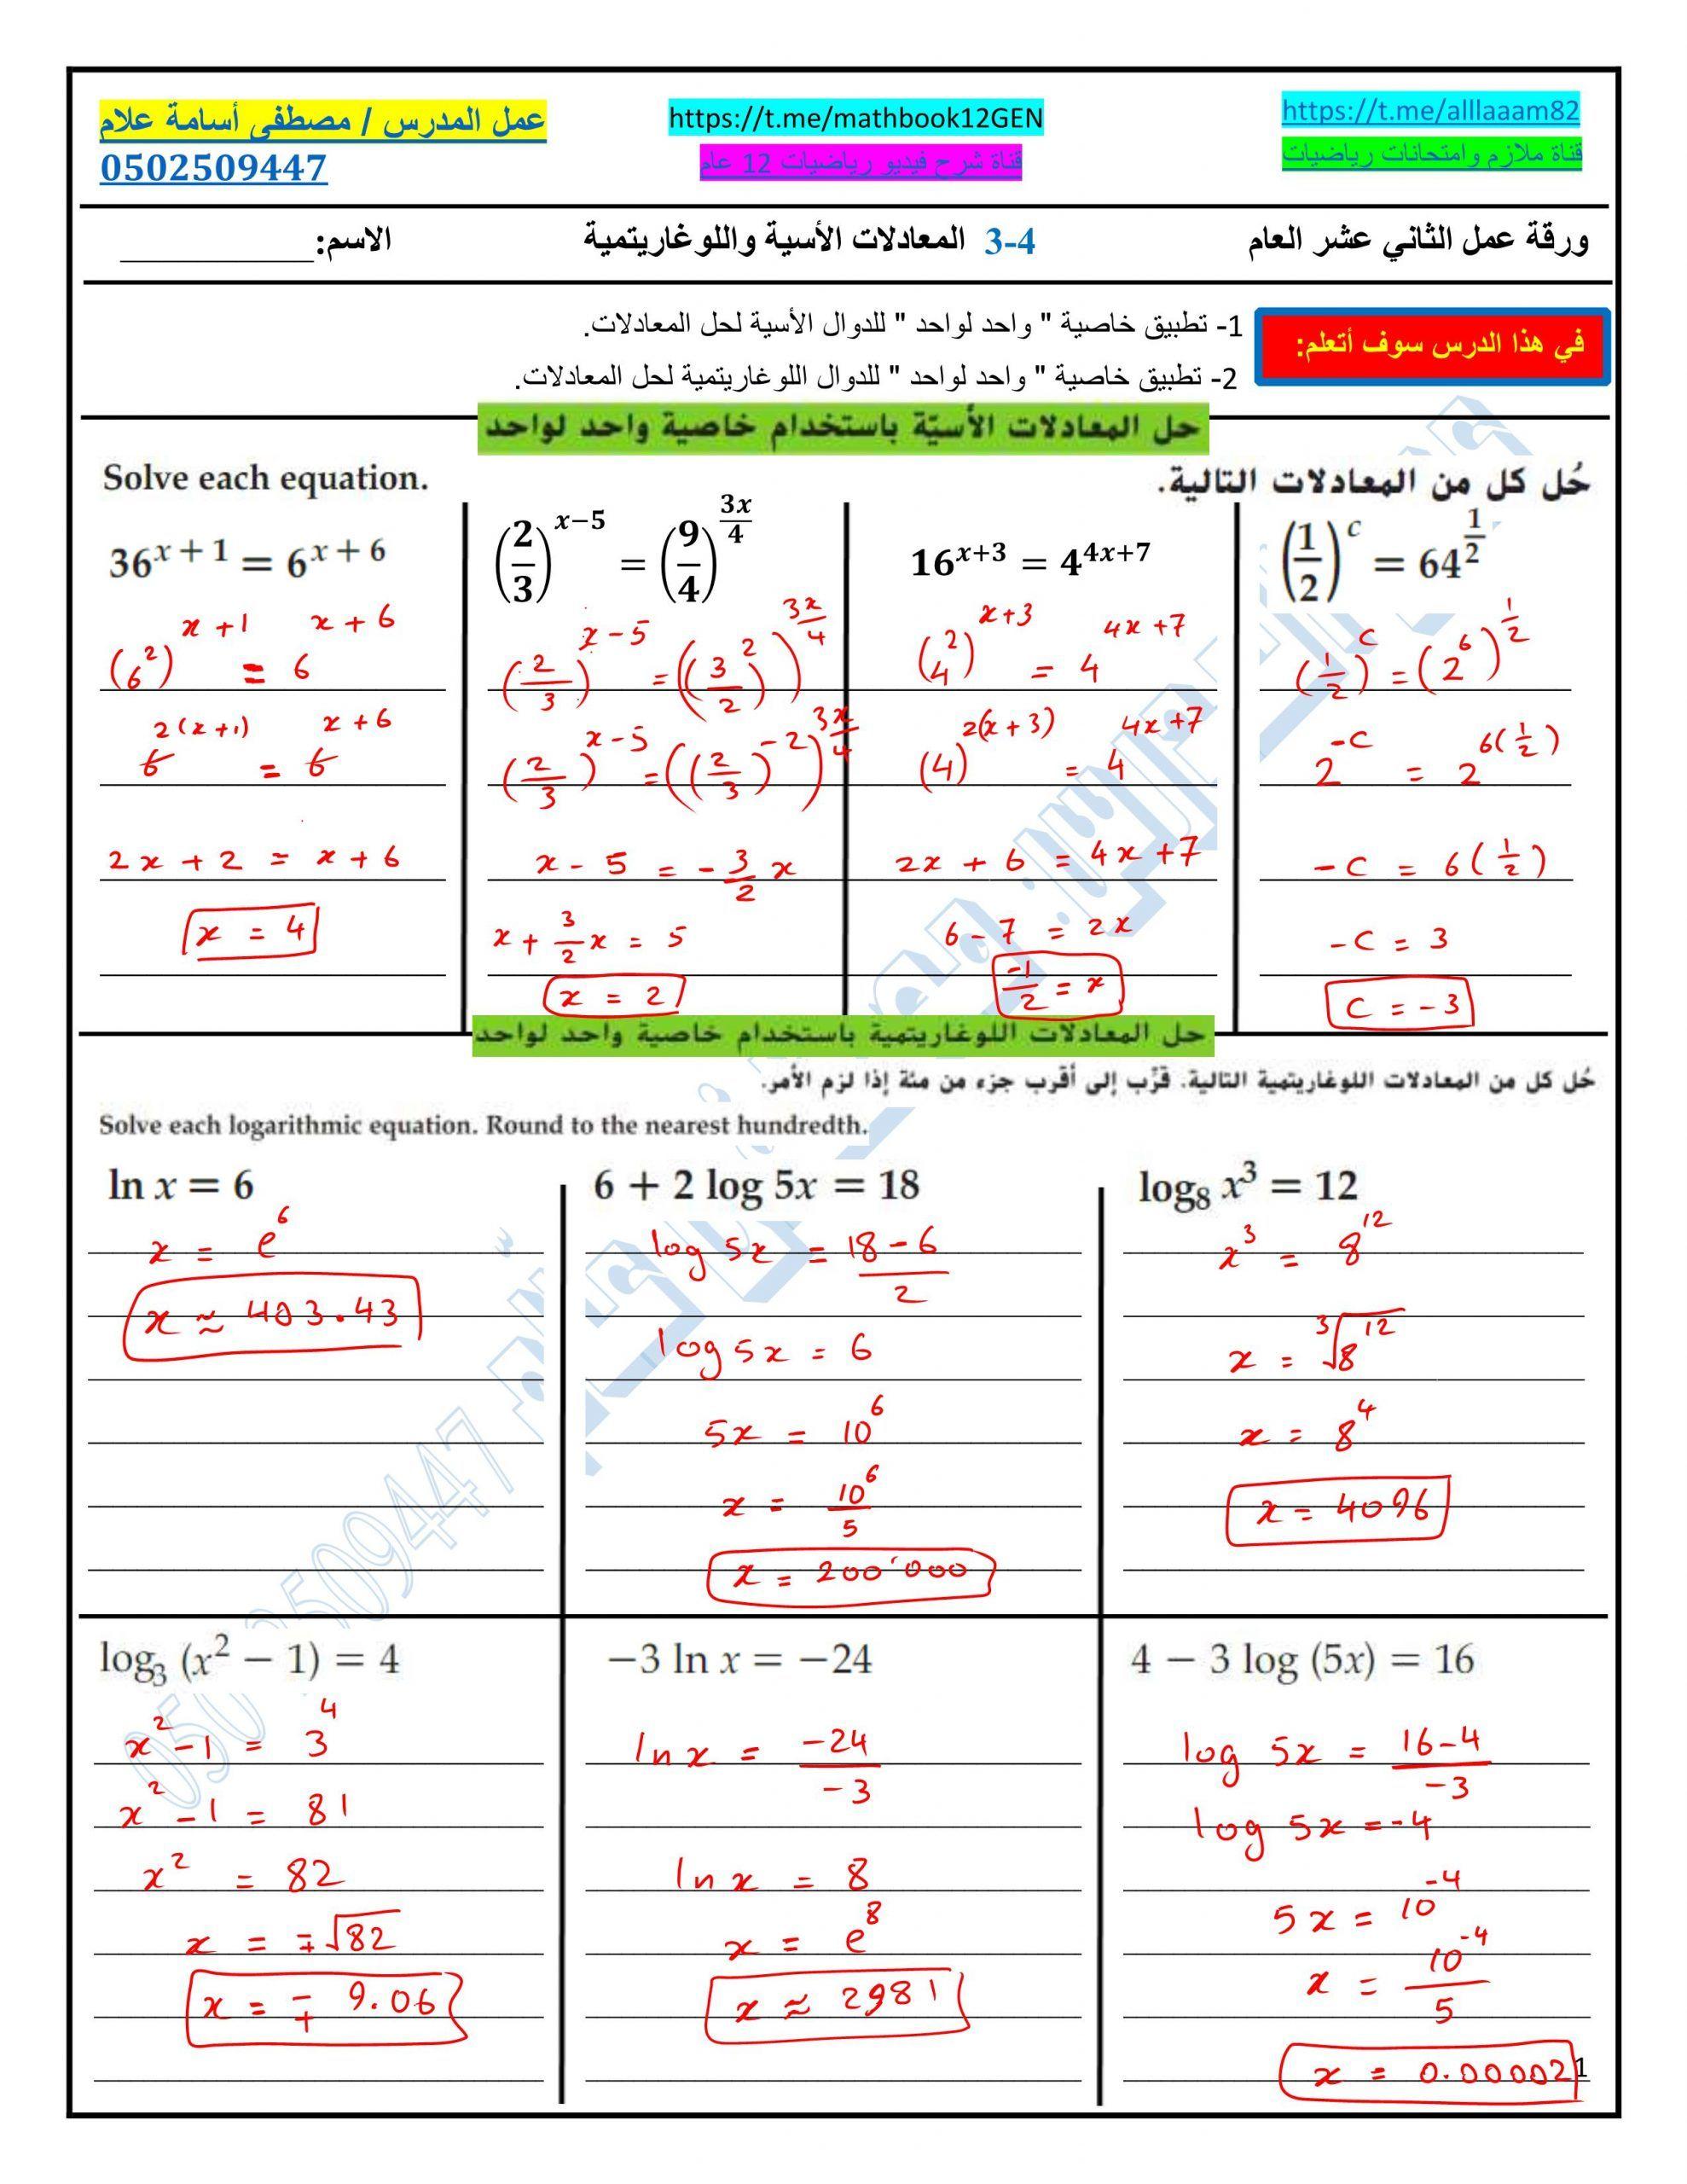 اوراق عمل المعادلات الأسية واللوغاريتمية للصف الثاني عشر عام مادة الرياضيات المتكاملة اوراق عمل ا Solving Bullet Journal Map